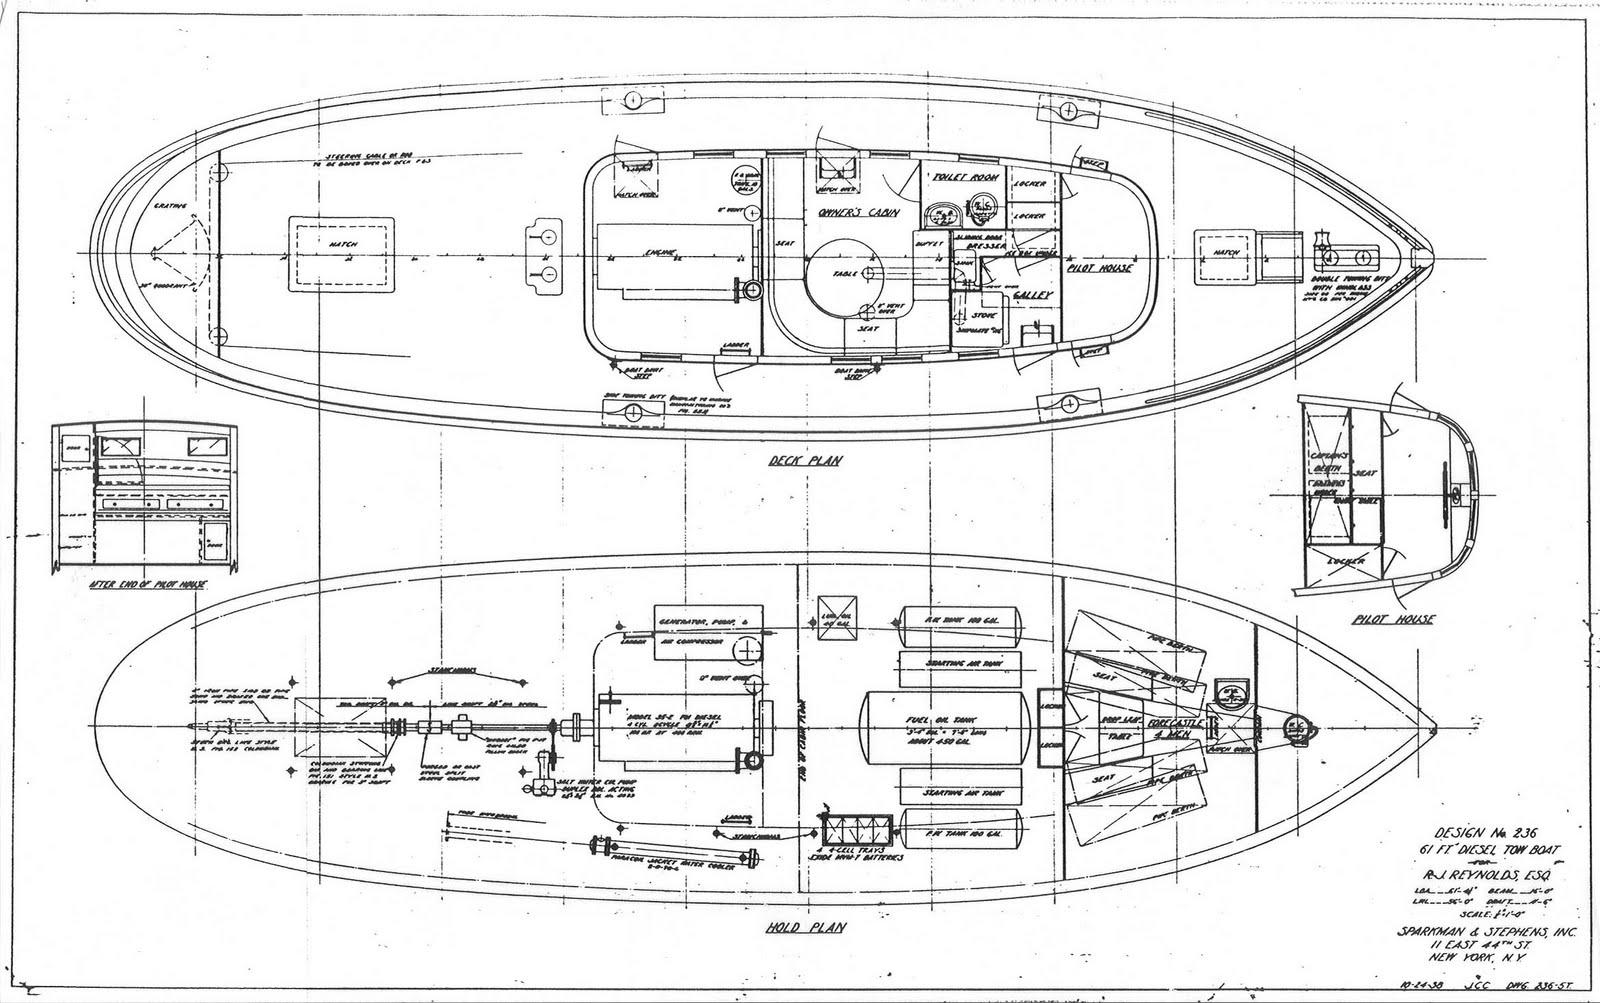 Sparkman & Stephens designed a tugboat.